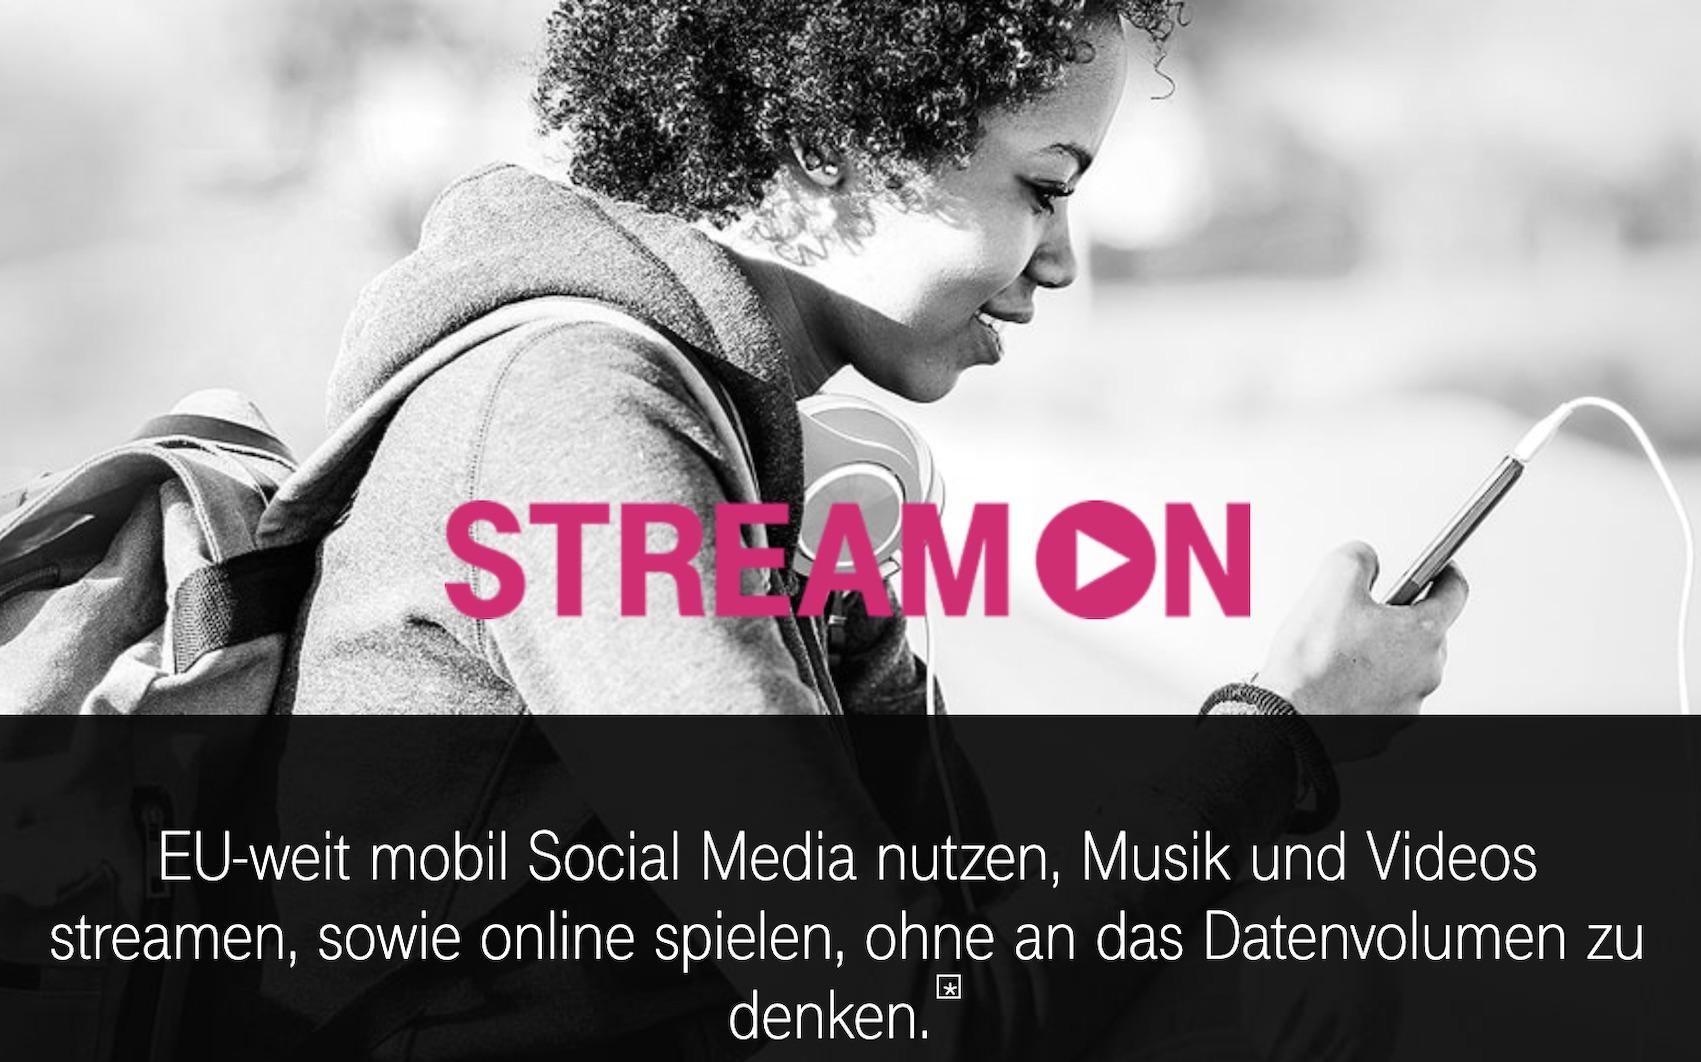 Telekom wirbt mit StreamOn im EU-Roaming (Quelle: telekom.de, Screenshot: SmartPhoneFan.de)